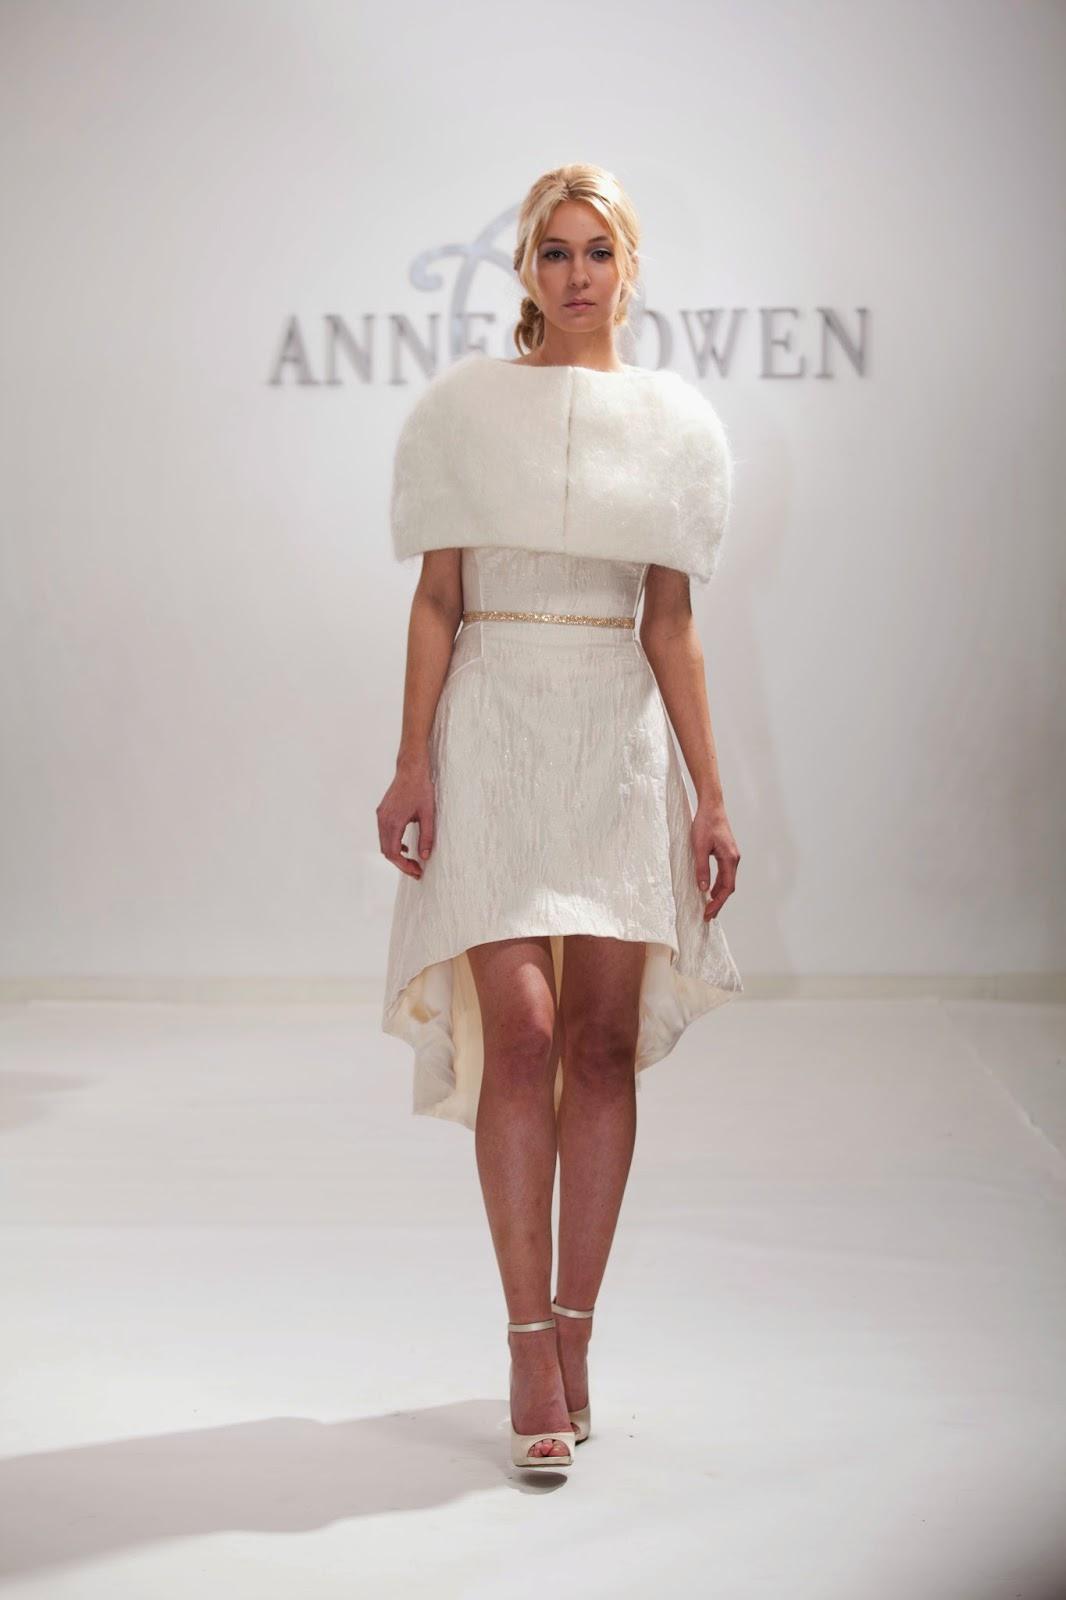 Anne Bowen Cape